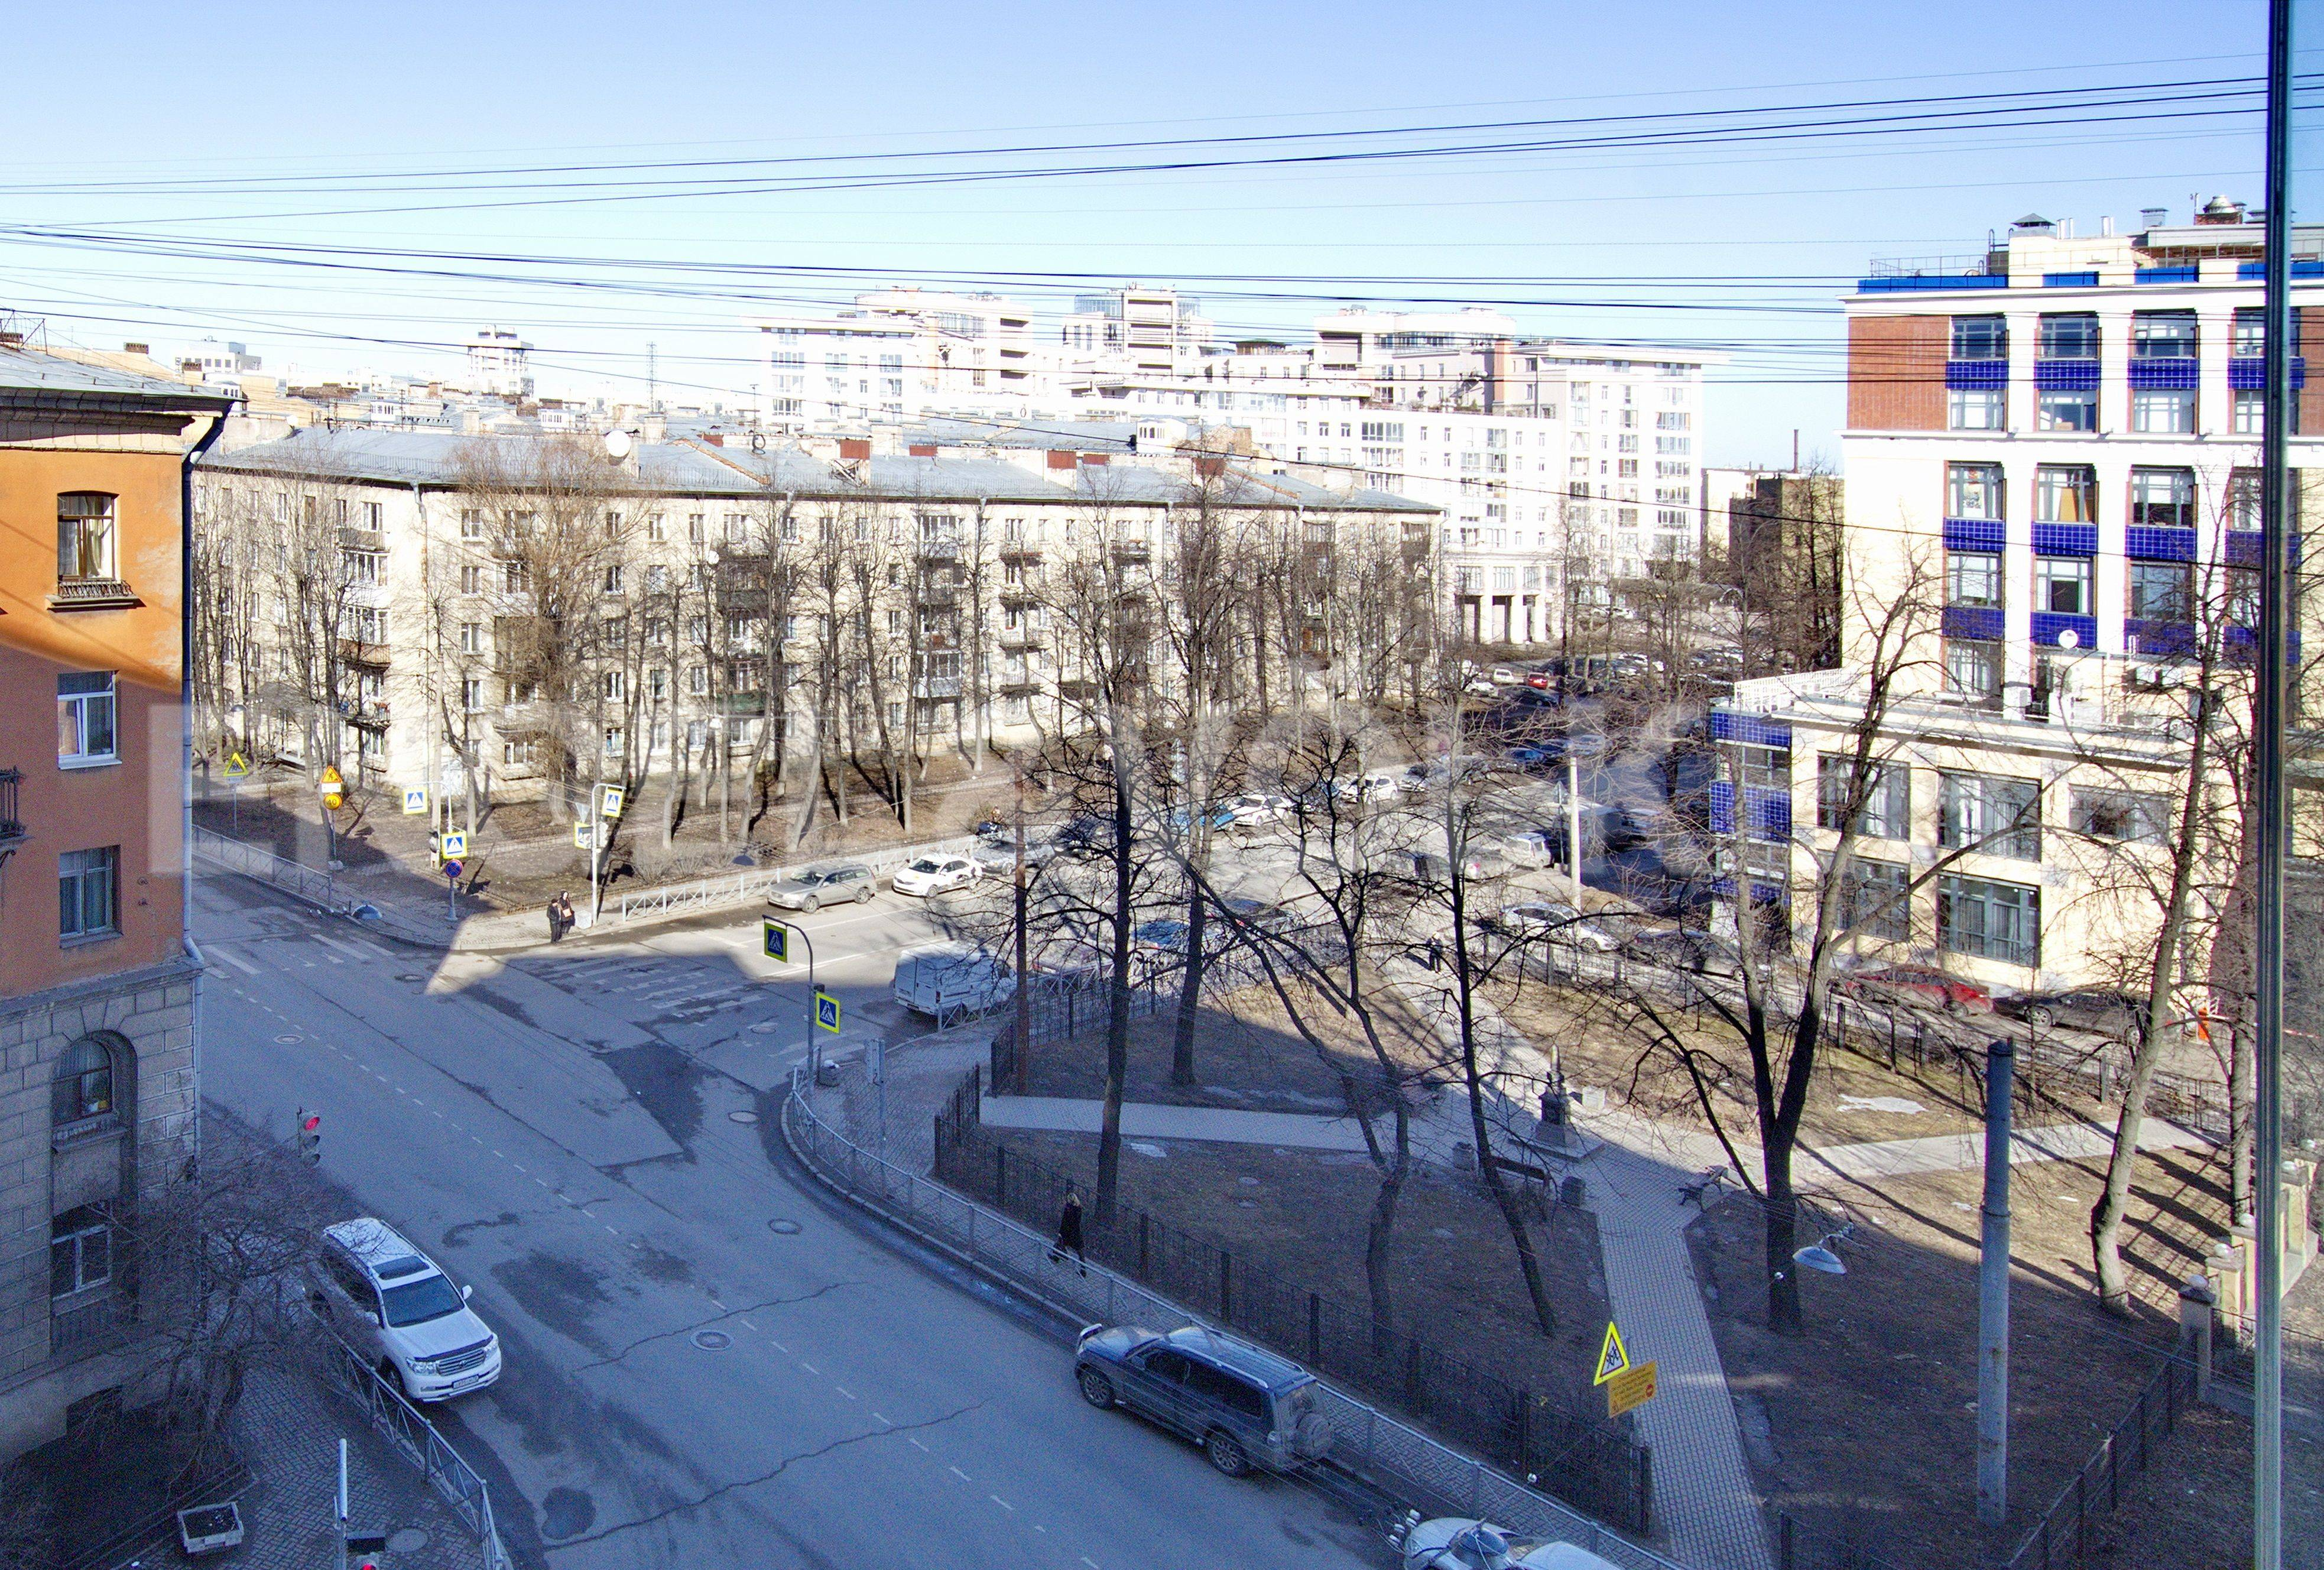 Элитные квартиры в Петроградском районе. Санкт-Петербург, Корпусная улица, 9. Вид из окон в сторону сквера